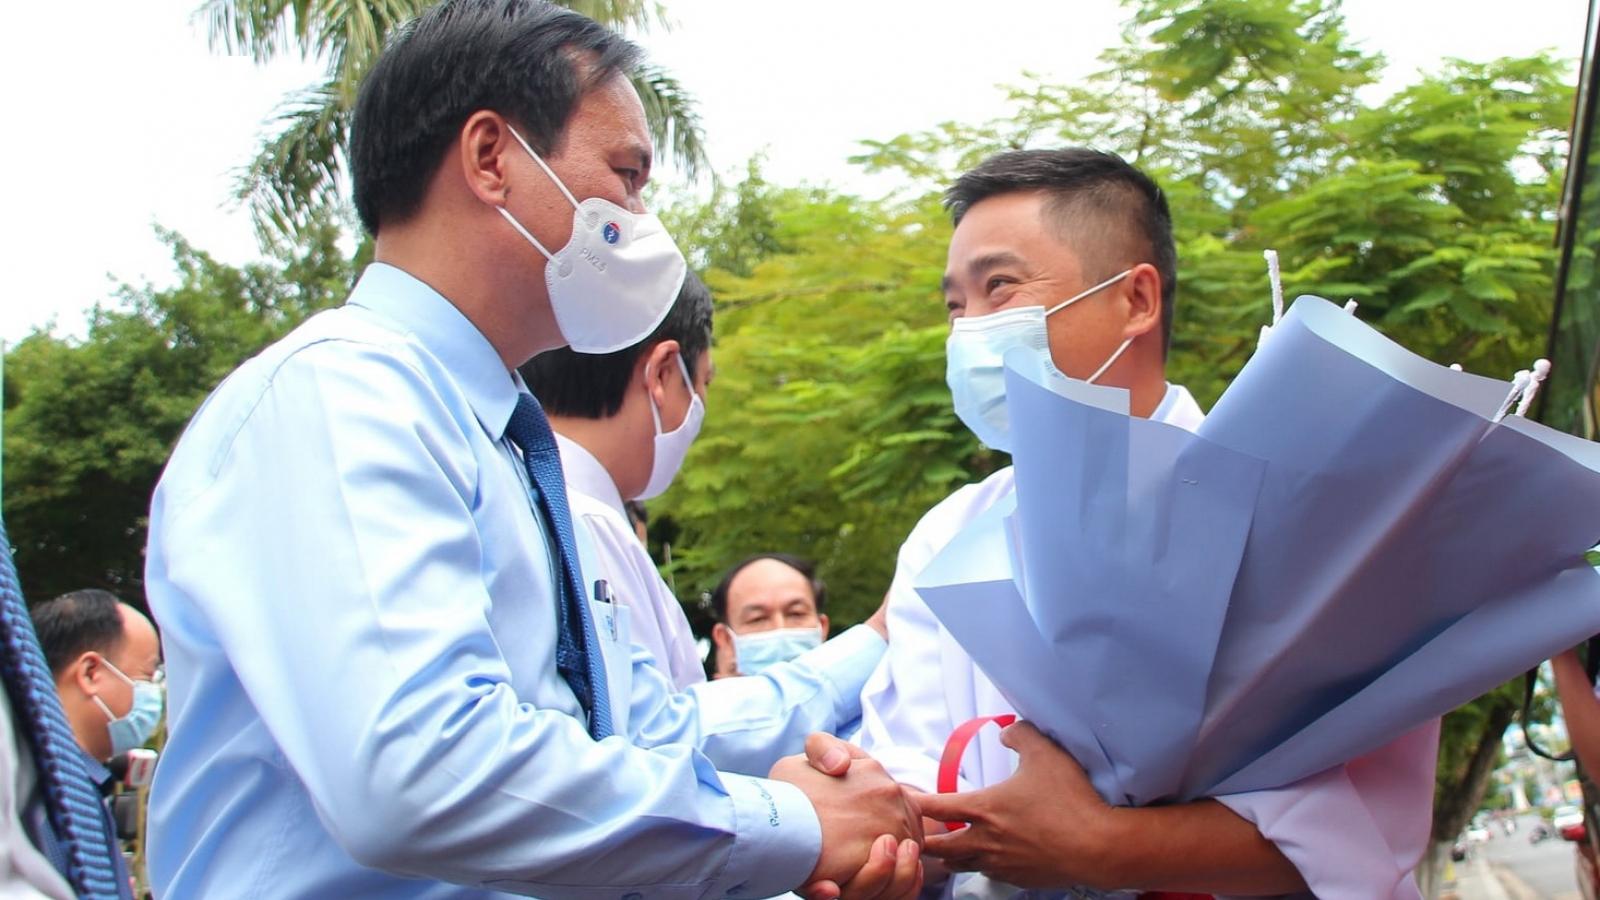 35 bác sĩ, nhân viên y tế Quảng Trị vào Bình Dương hỗ trợ phòng, chống dịch Covid-19